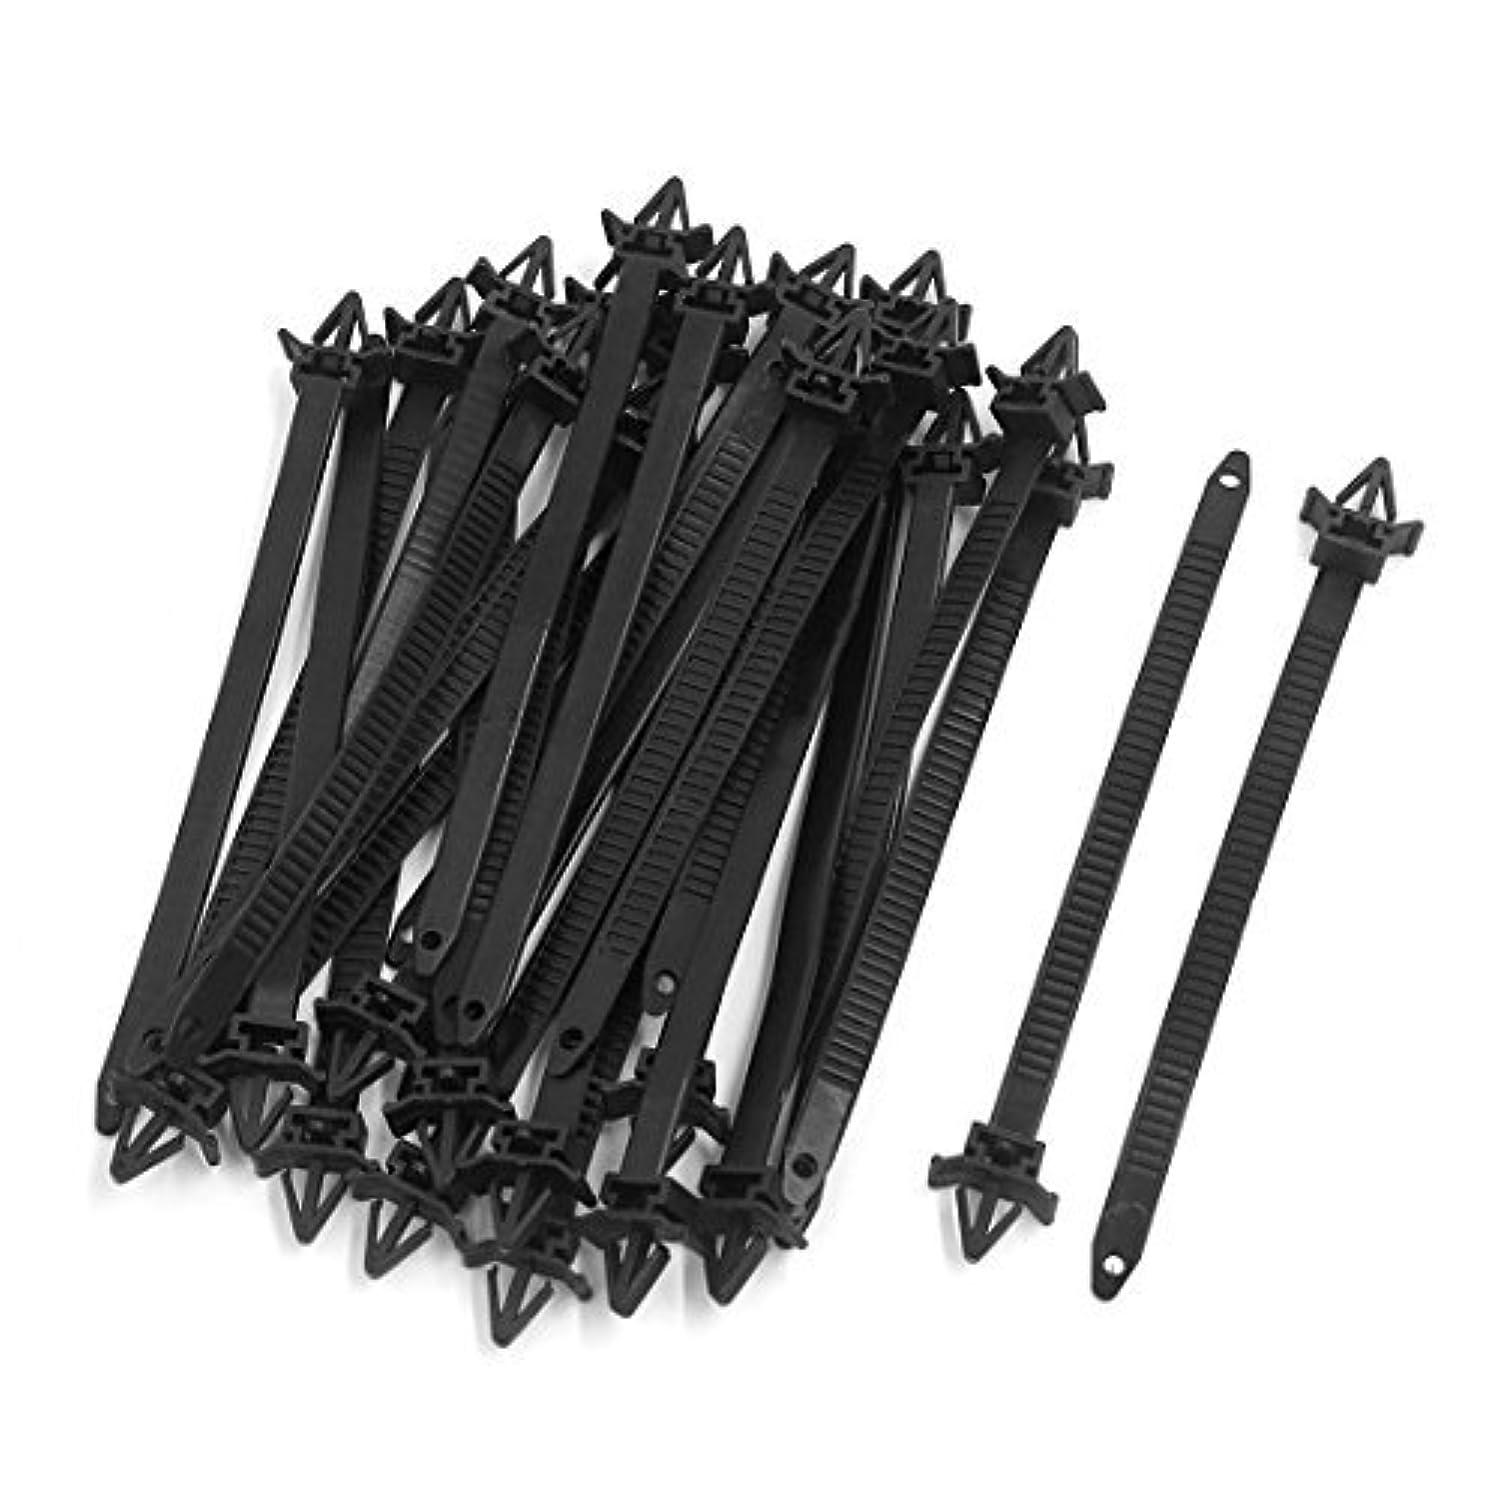 eDealMax 30pcs Negro Nylon Con alas Fin Empuje Monte lazos Cable eléctrico 15 x 0.8cm